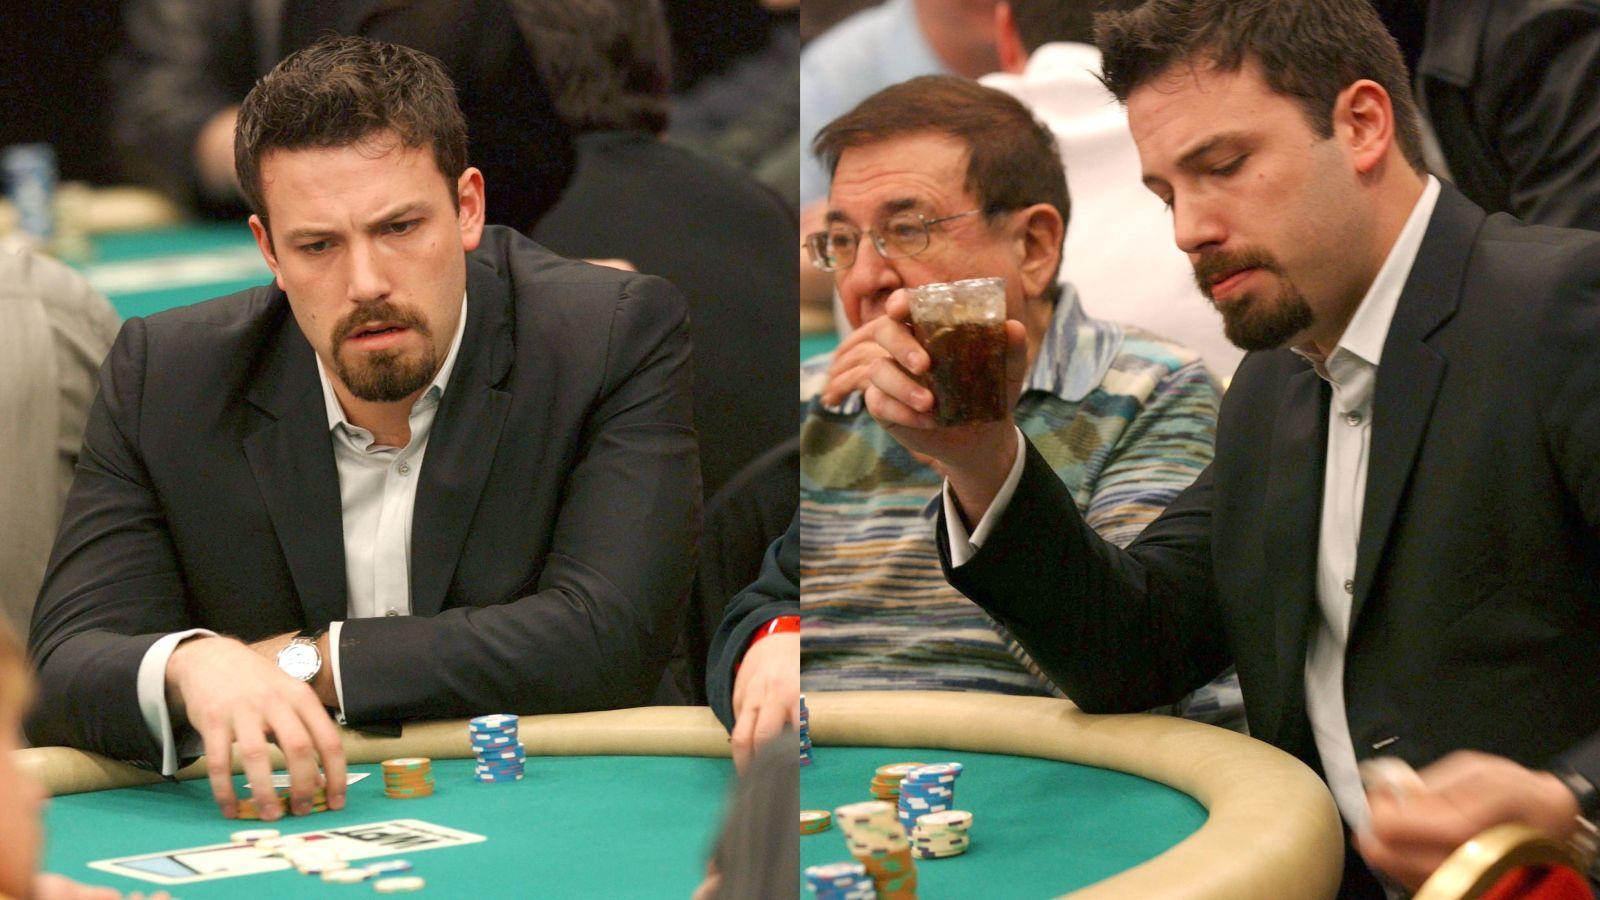 Ben Affleck szenvedélyes kártyás hírében áll, aki leginkább a pókerért és a blackjackért (Huszonegyért) van oda. Azonban, még 2001-ben, amikor egy este súlyos dollárezreket vesztett, másnap szerencsejáték elvonóra feküdt be, hogy így próbálja meg úrrá lenni a játékfüggőségén. (Stewart Cook/Shutterstock)